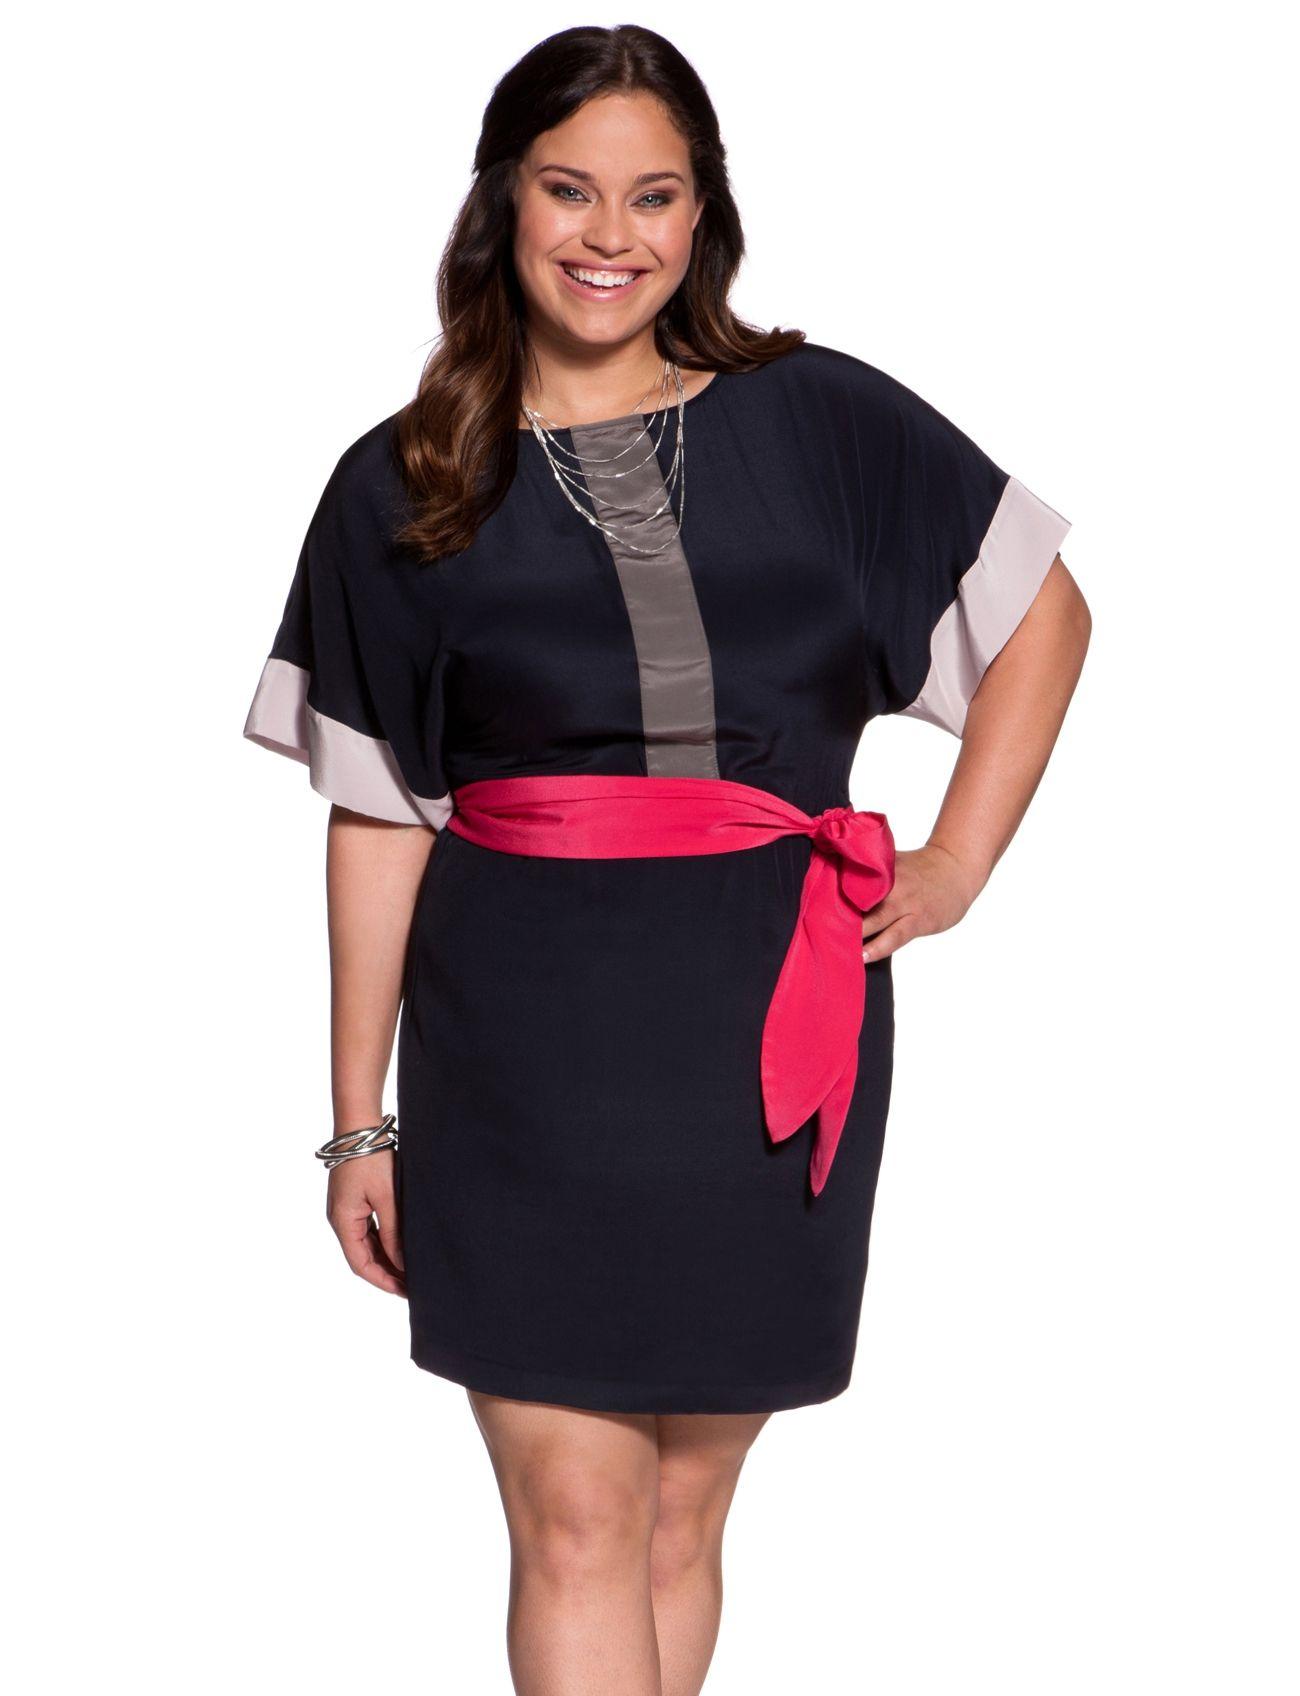 Contrast Colorblock Dress Womens Dresses Plus Size Dresses